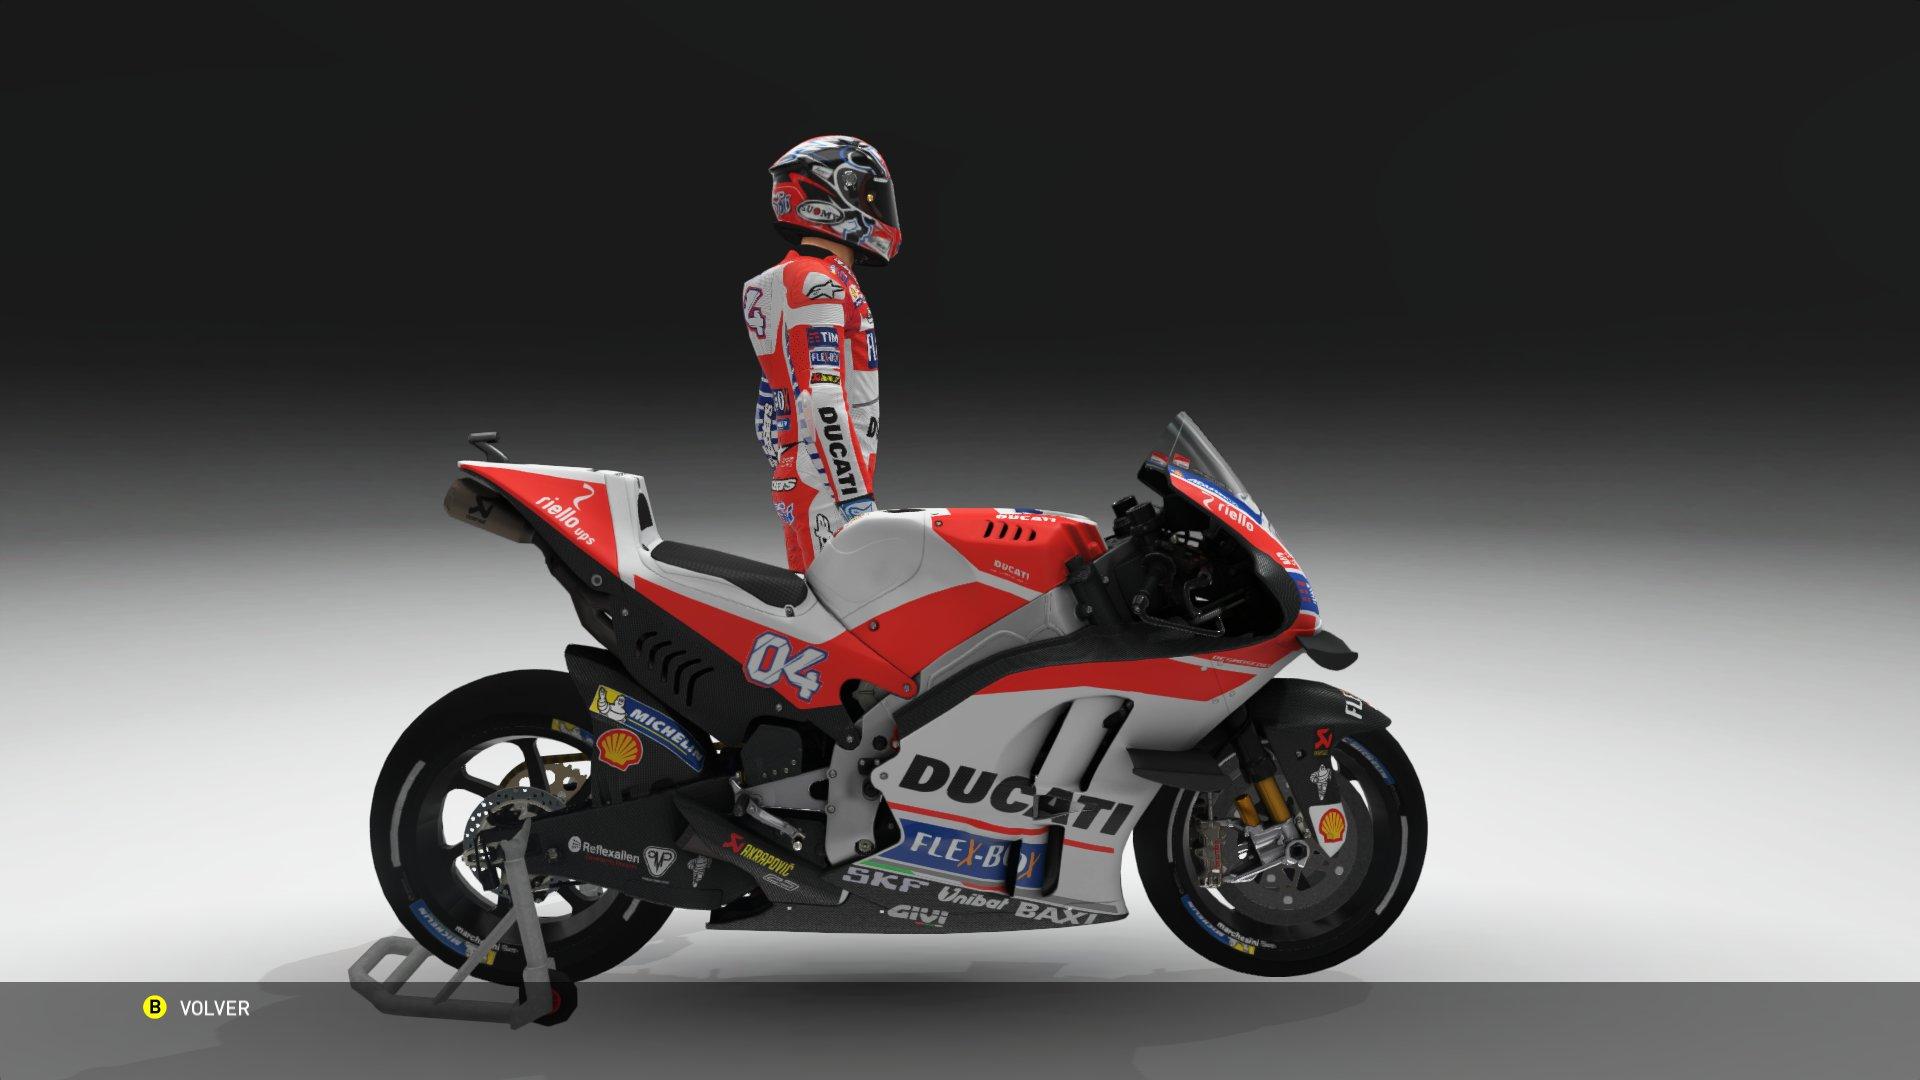 MotoGPVR46X64_2017-02-07_15-49-16-911.jpg